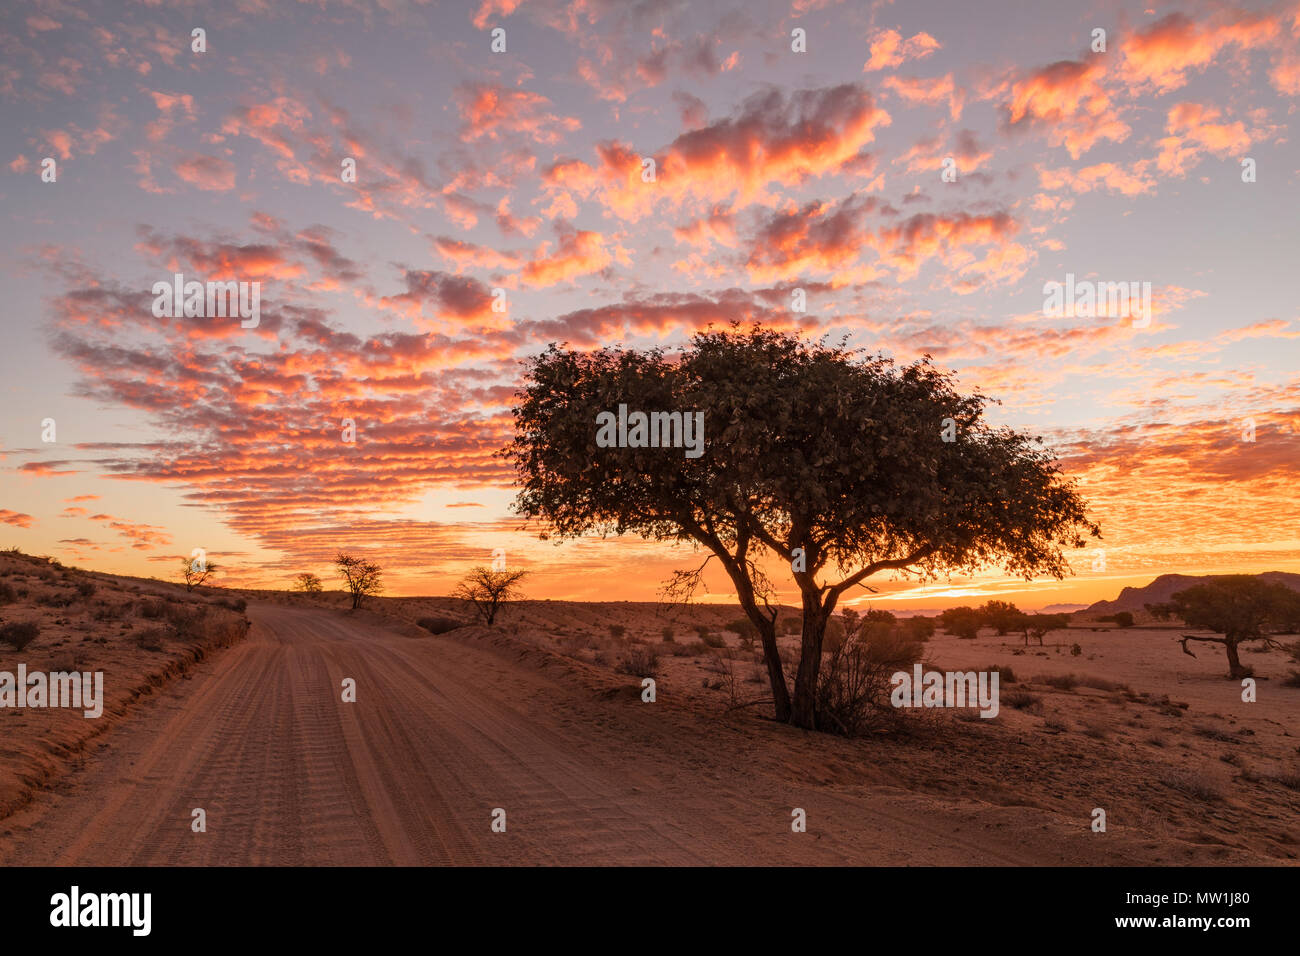 Aus, Namibia, África Imagen De Stock